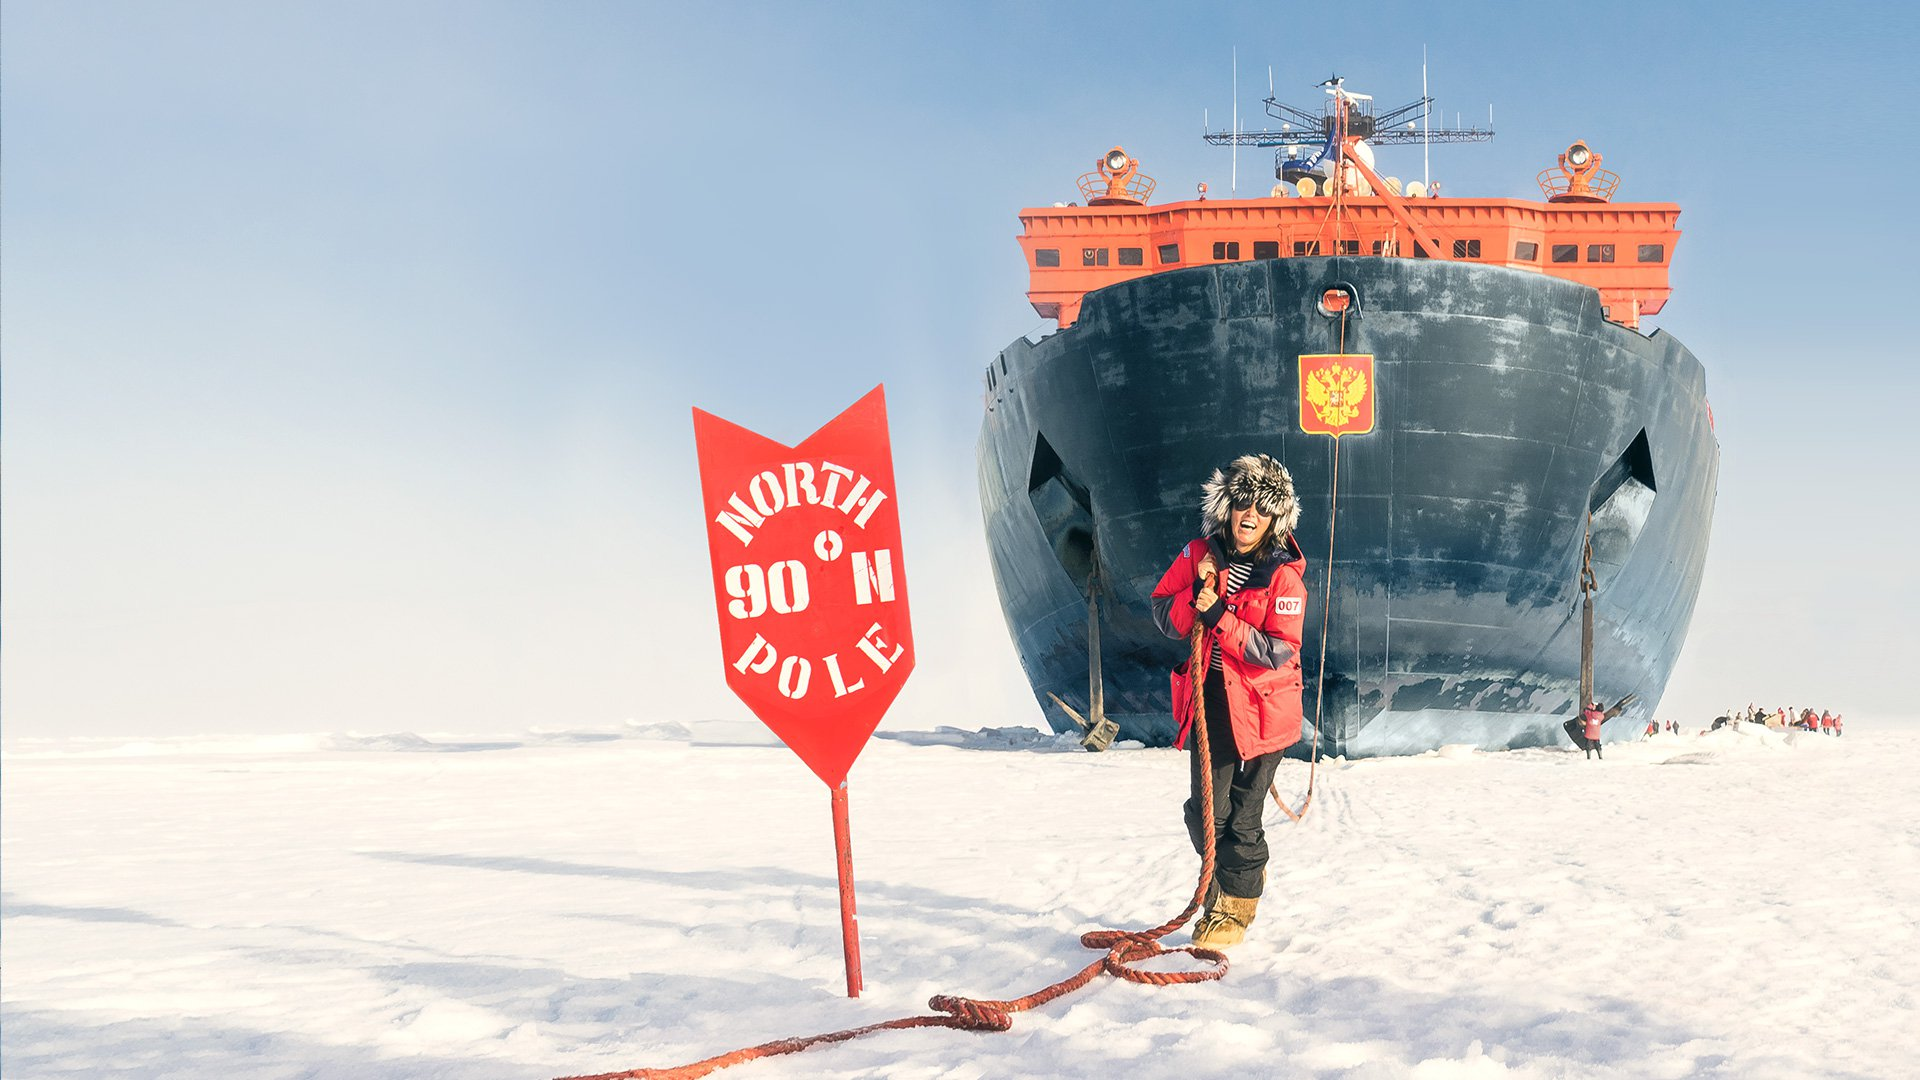 Kutup Çağı Projeksiyonu & Arktik Konsey